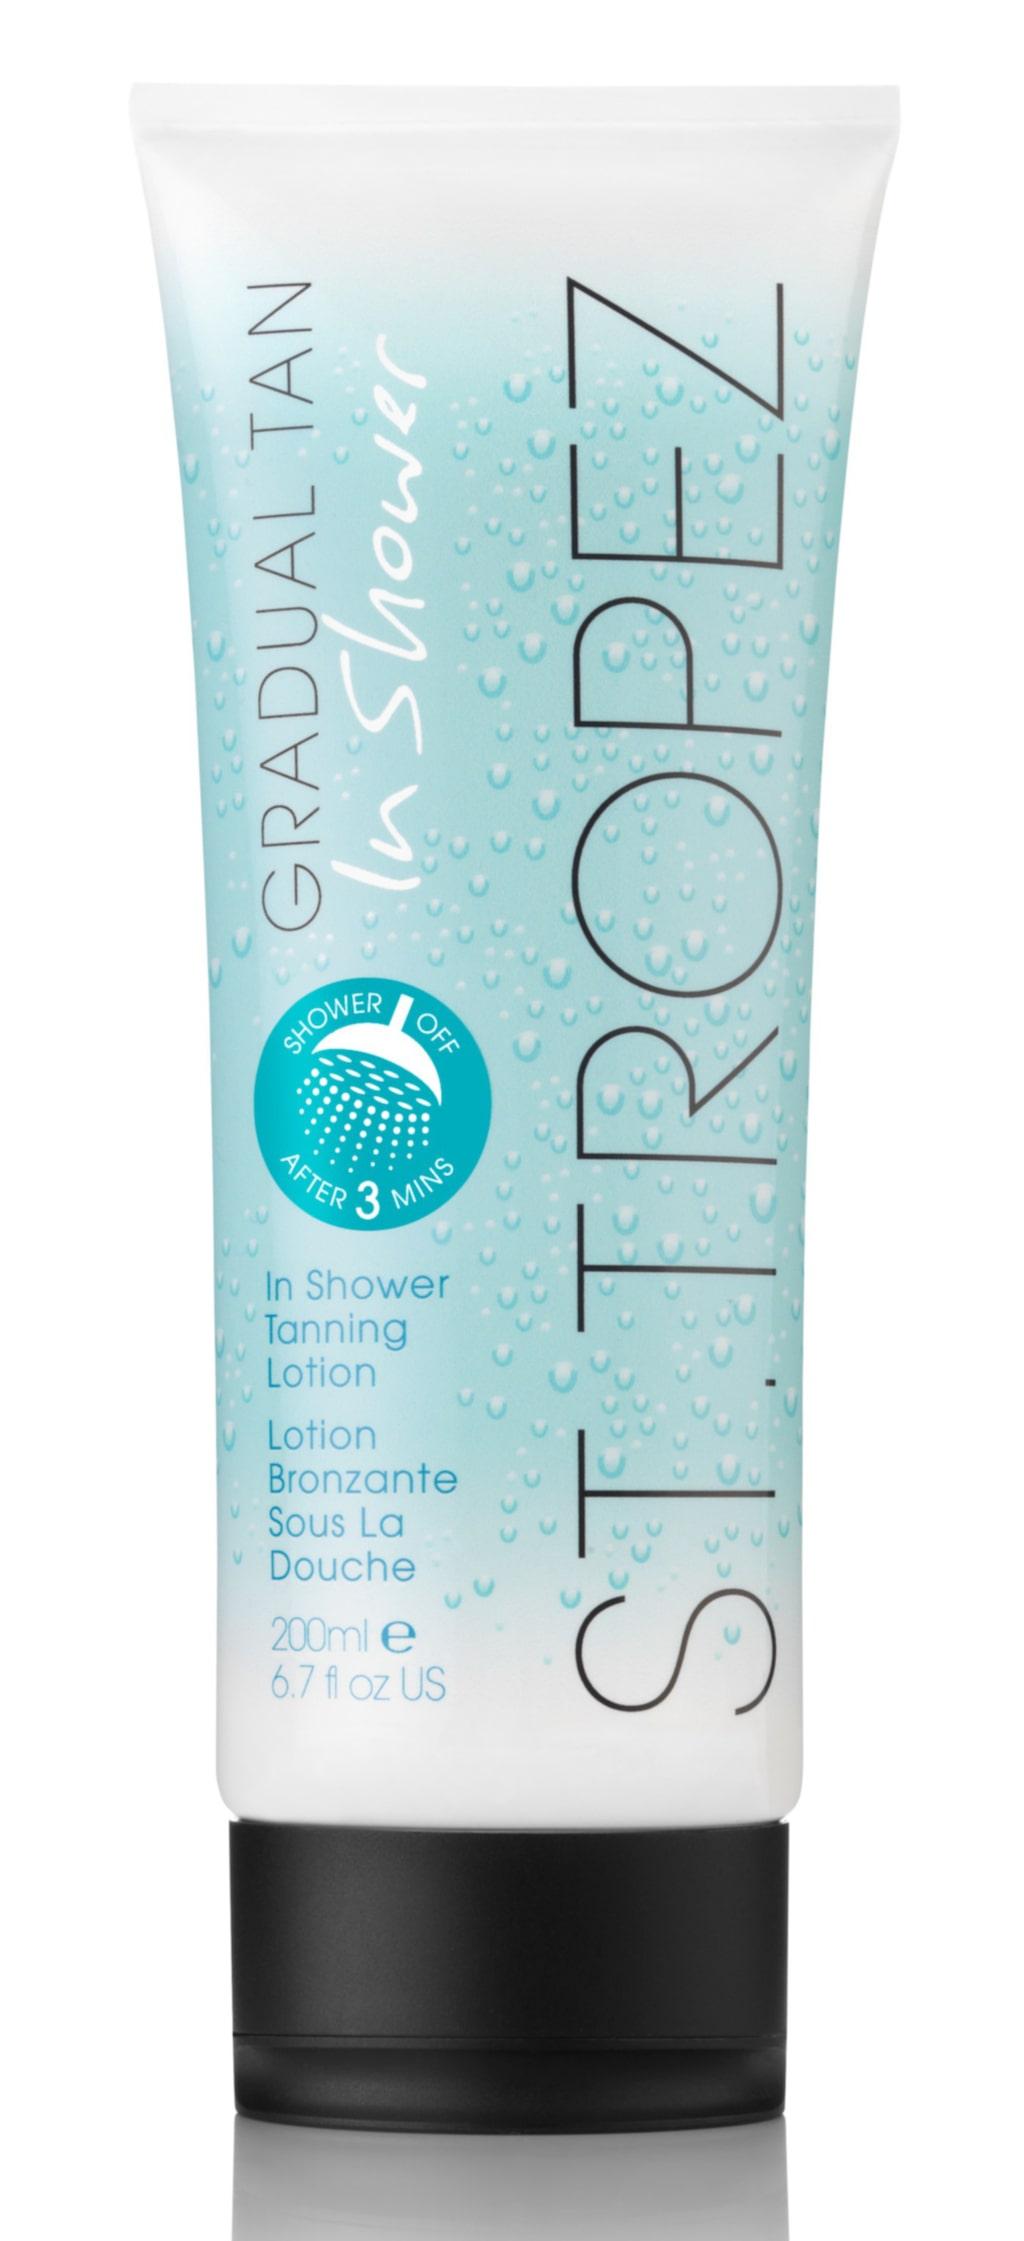 <p><strong>Bonustips – bättrar på brännan! Gradual tan in shower lotion glow, light eller medium, 269 kronor/200 ml, St Tropez, Kicks.s. <br></strong></p> <p>Duschtvål med self-tan ingredienser som gör att du kan underhålla och förstärka solbrännan i duschen.<strong><br> </strong></p>